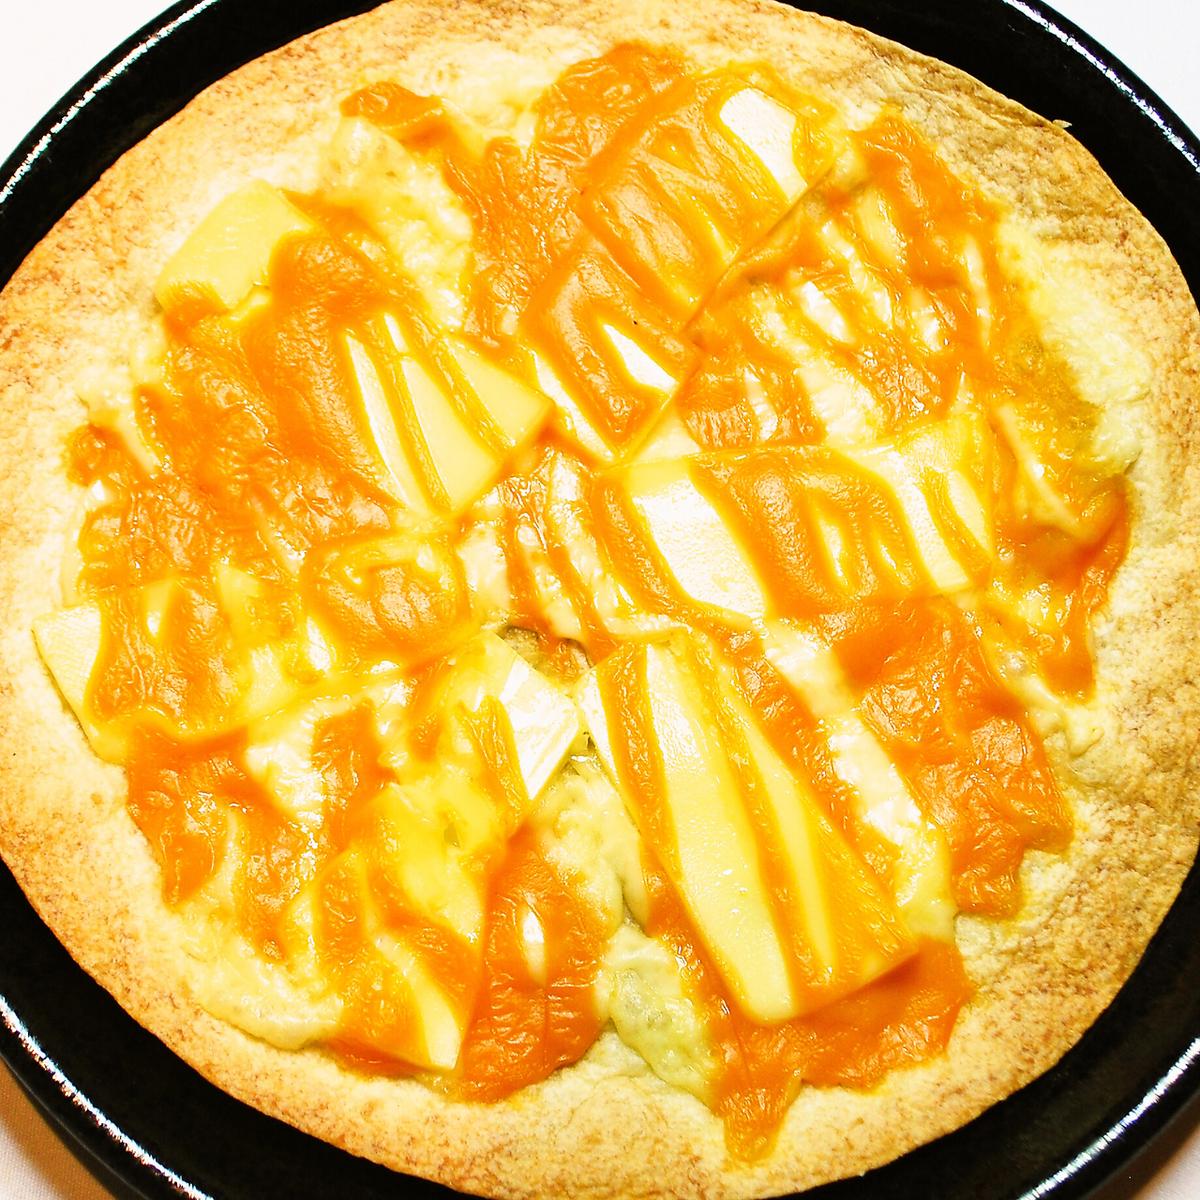 奶酪丰富的比萨饼